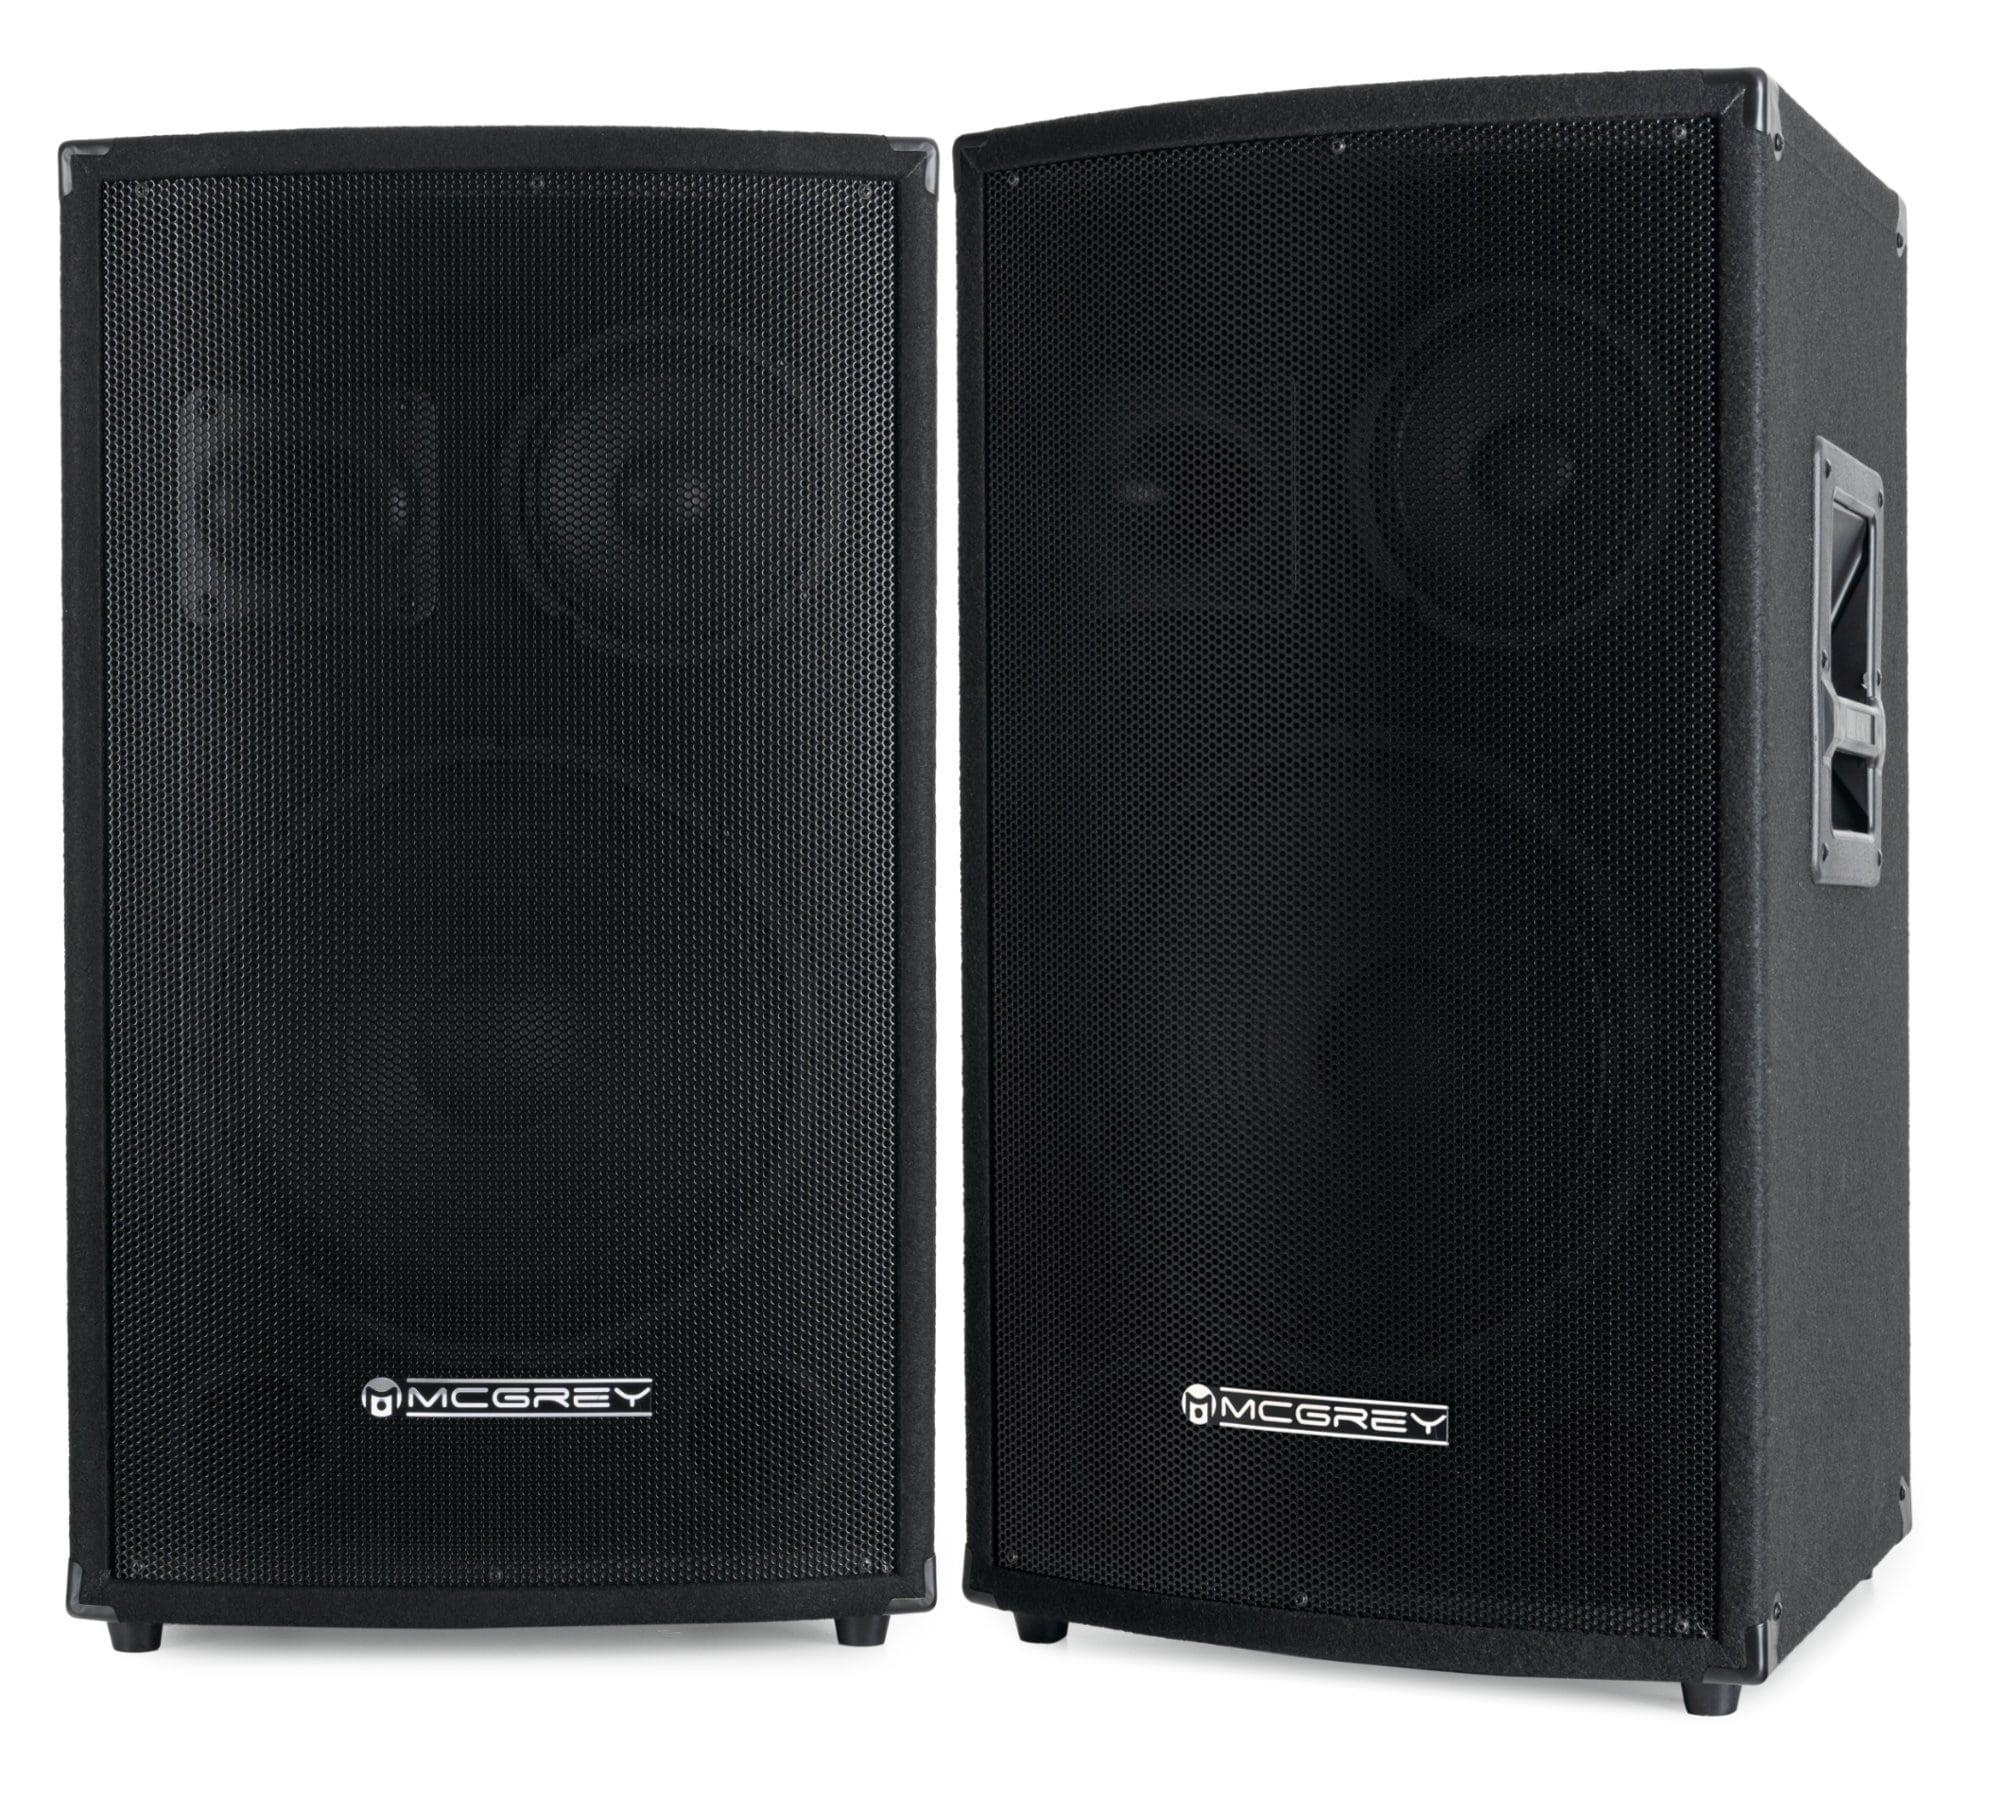 Paboxen - McGrey SL 12|3 Partykeller|DJ Box 600W Paar 2 x 600W - Onlineshop Musikhaus Kirstein